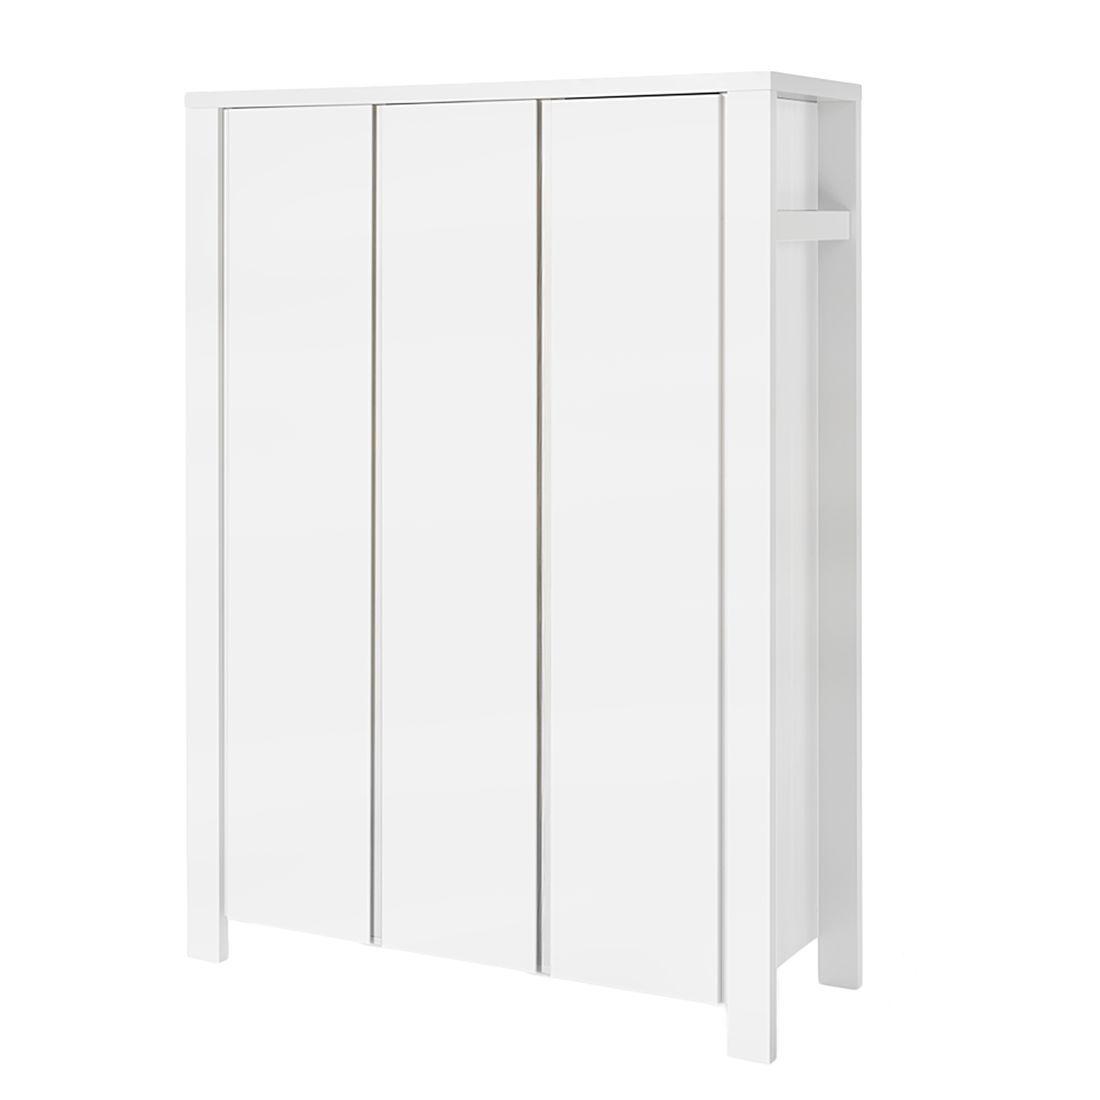 Kleiderschrank 140 Cm Breit Locker Storage Storage Cabinets